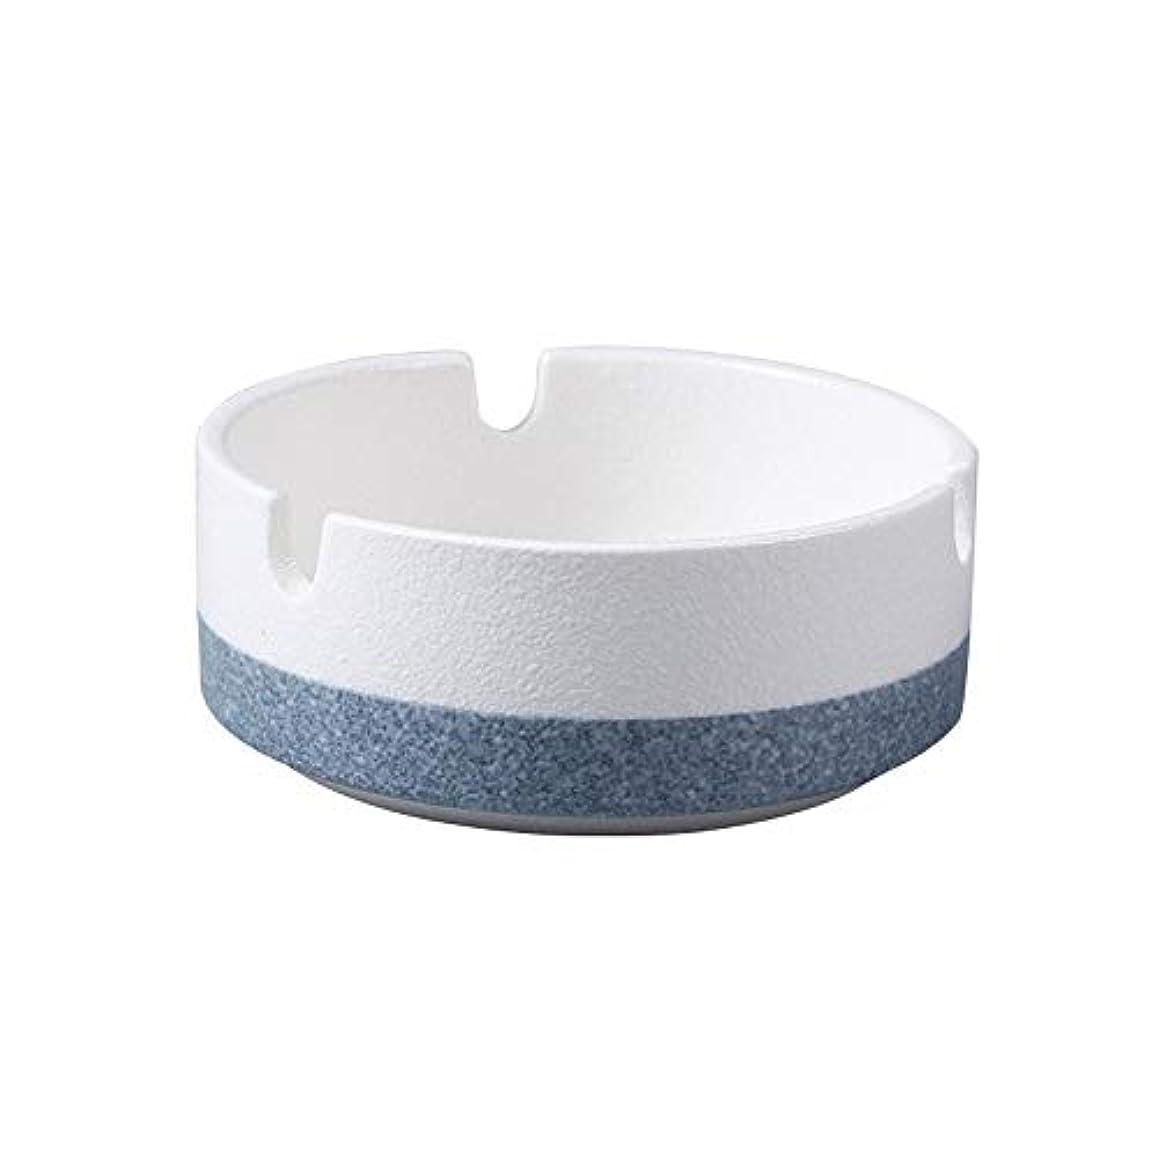 不条理電気陽性トレードたばこ、贈り物、ホームオフィス用の丸い光沢のある灰皿(白)